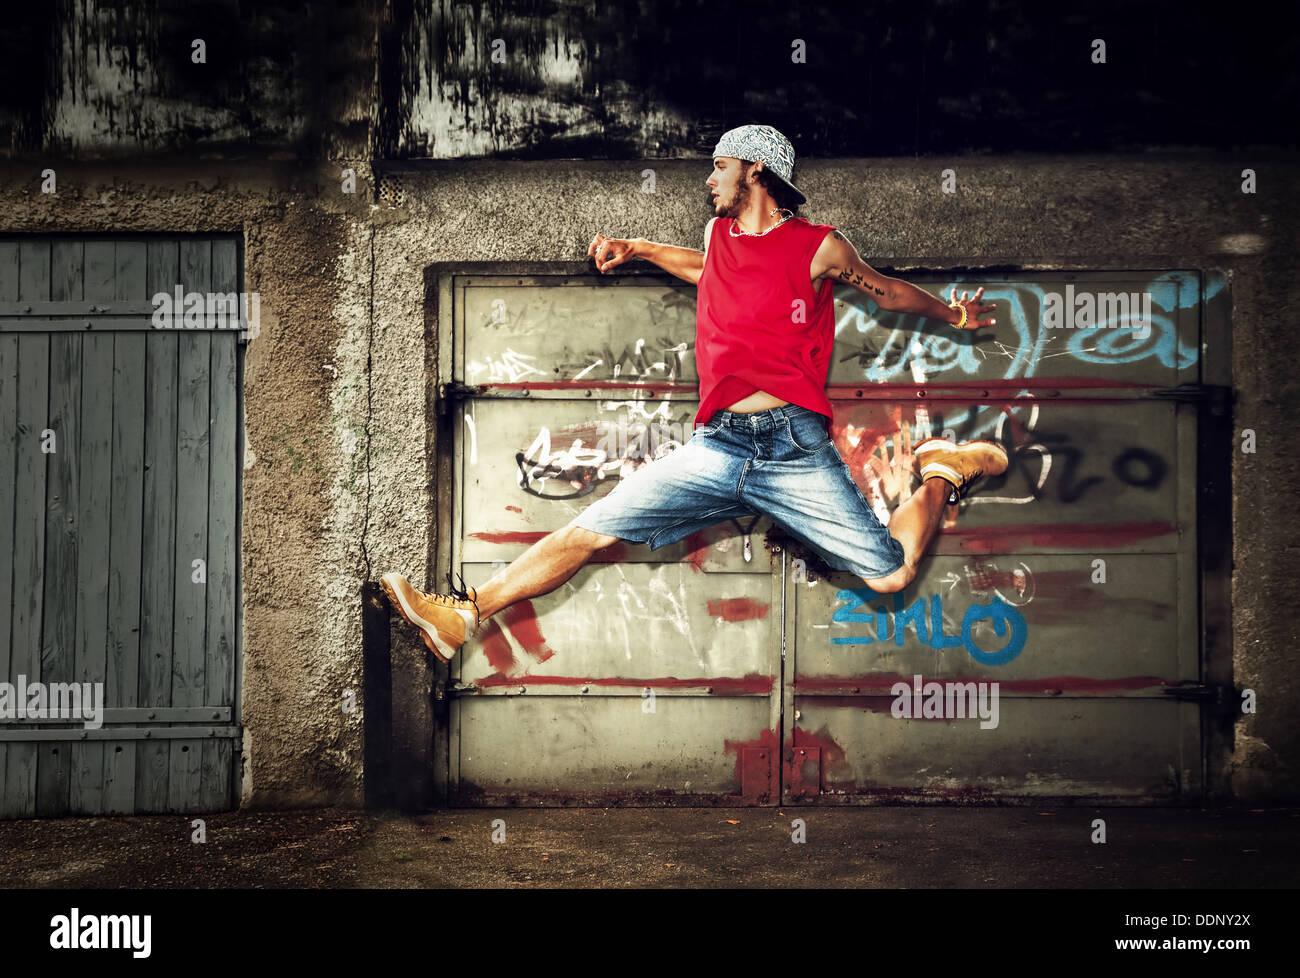 Joven/adolescente jumping / bailando en el grunge graffiti wall antecedentes Foto de stock